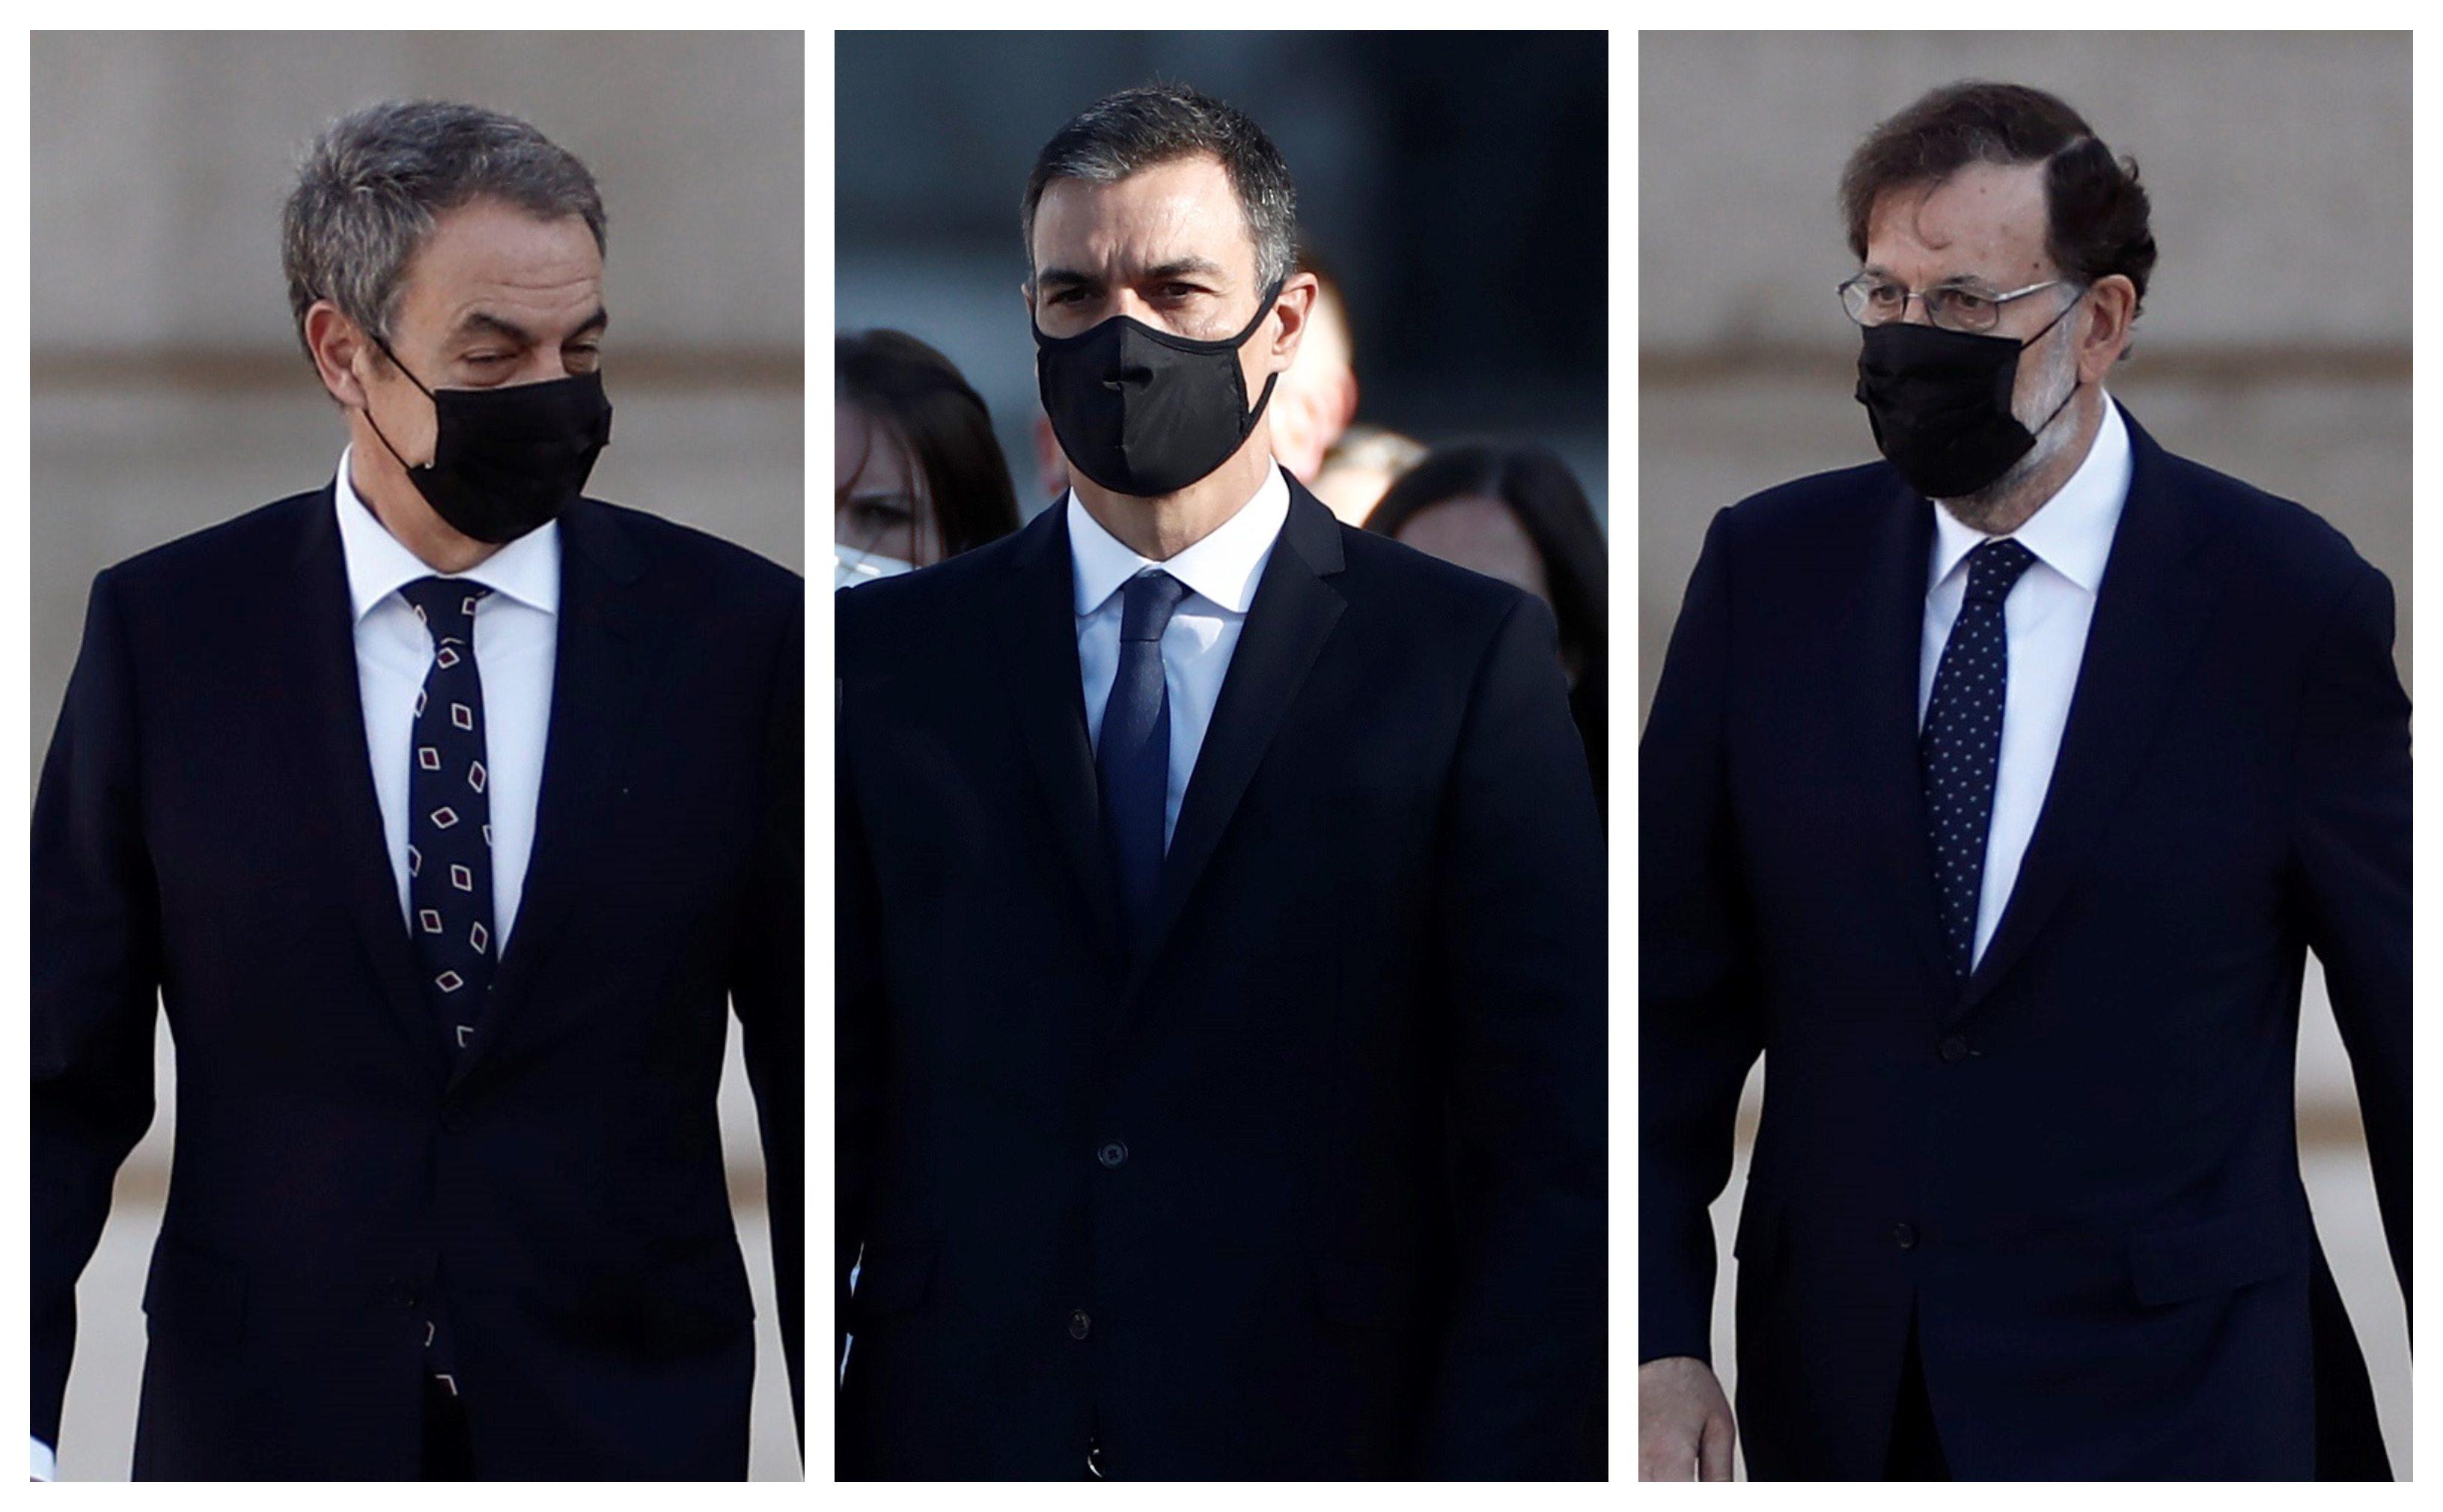 La sobrecogedora imagen con Sánchez, Rajoy y Zapatero que jamás pensamos que veríamos